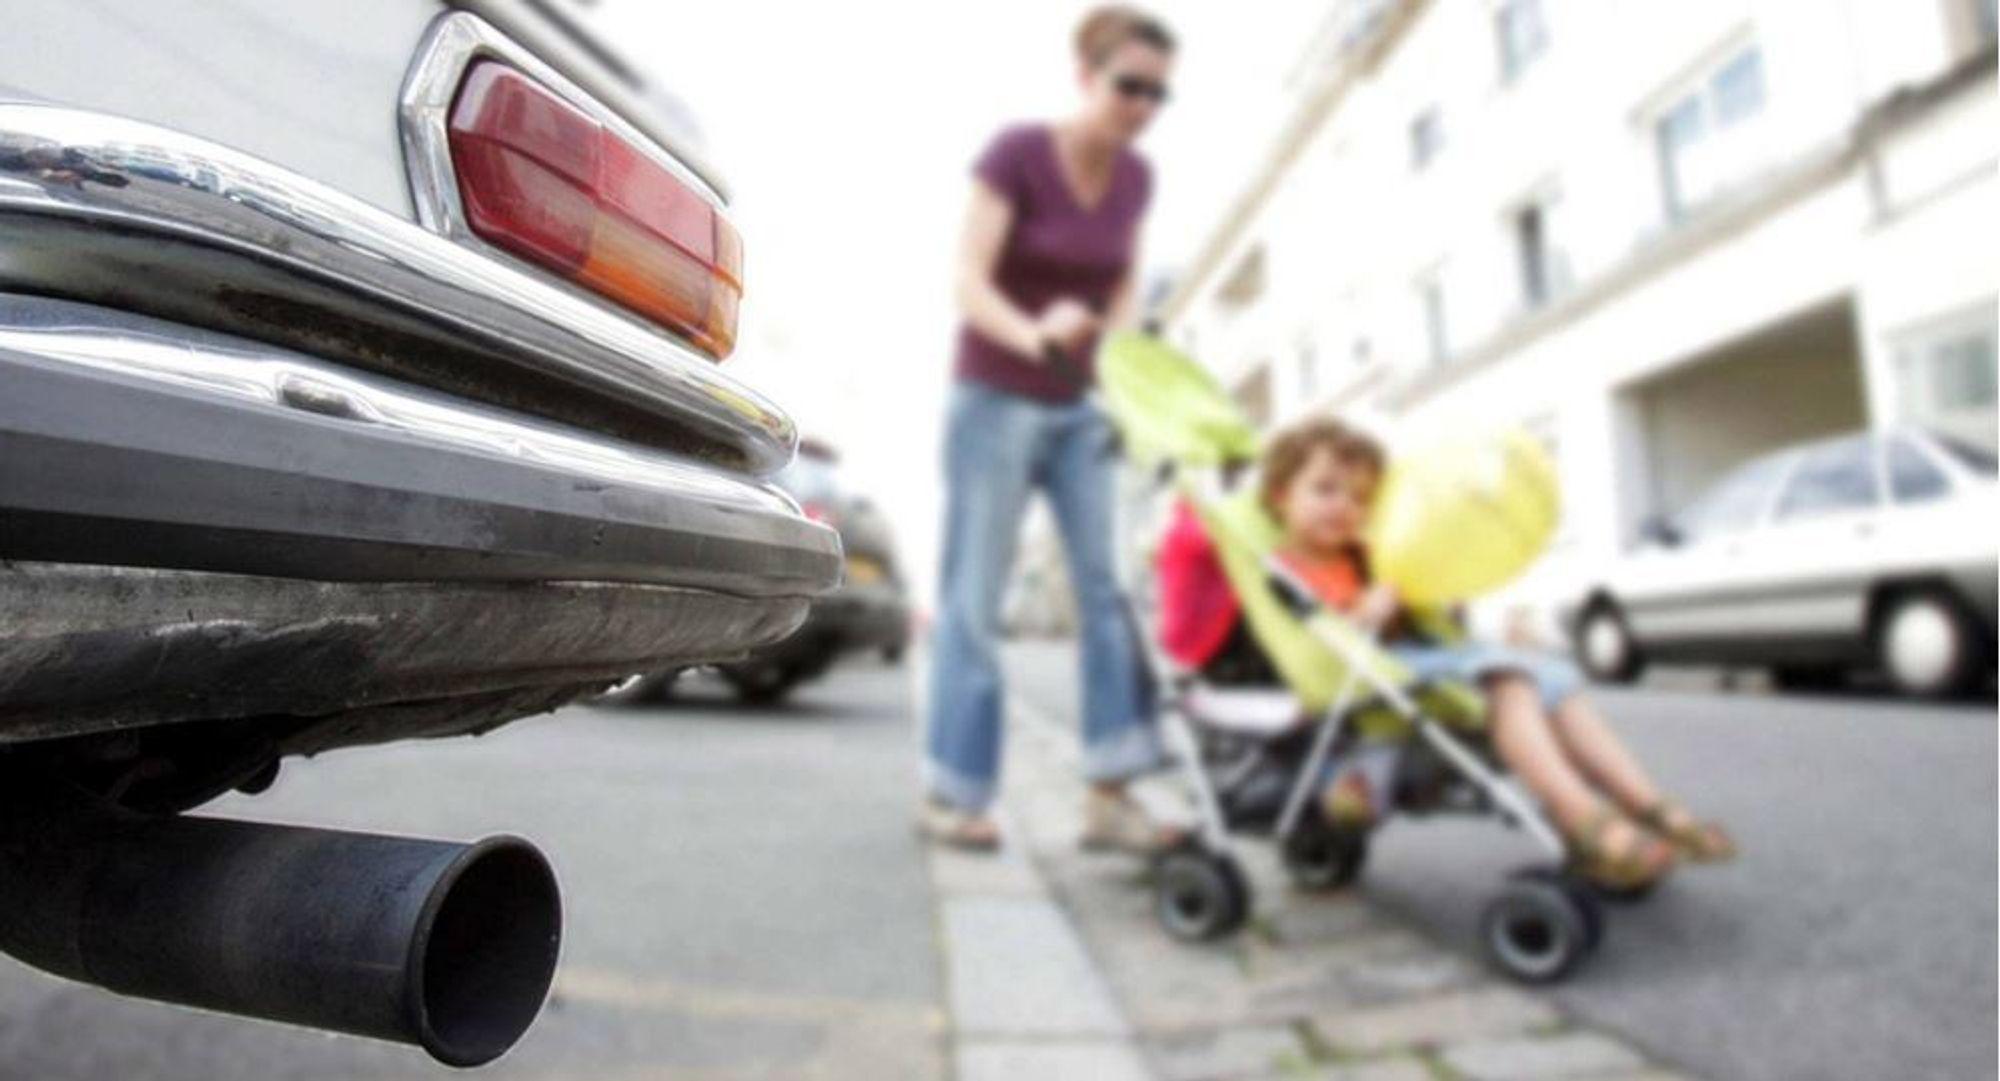 Skrivebordsstudien om elbiler og svevestøv trekker ulogiske konklusjoner, mener Elbilforeningen.